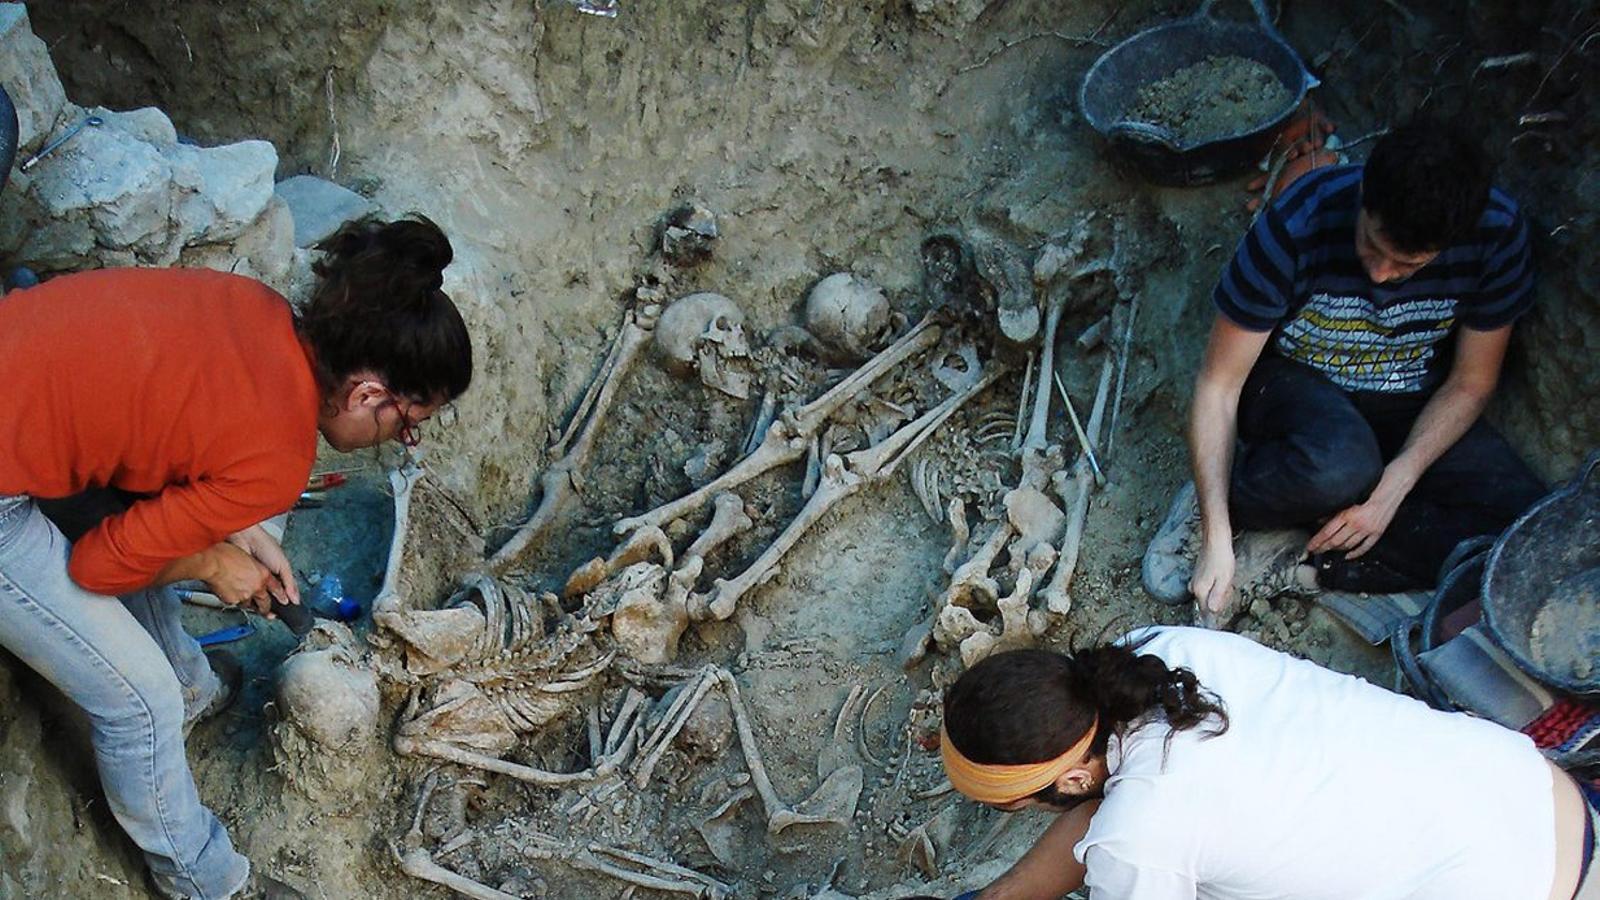 La fossa comuna de Gurb, on hi ha enterrades quatre persones, es va exhumar el 2008 i, de moment, amb l'ADN només s'ha identificat un soldat.